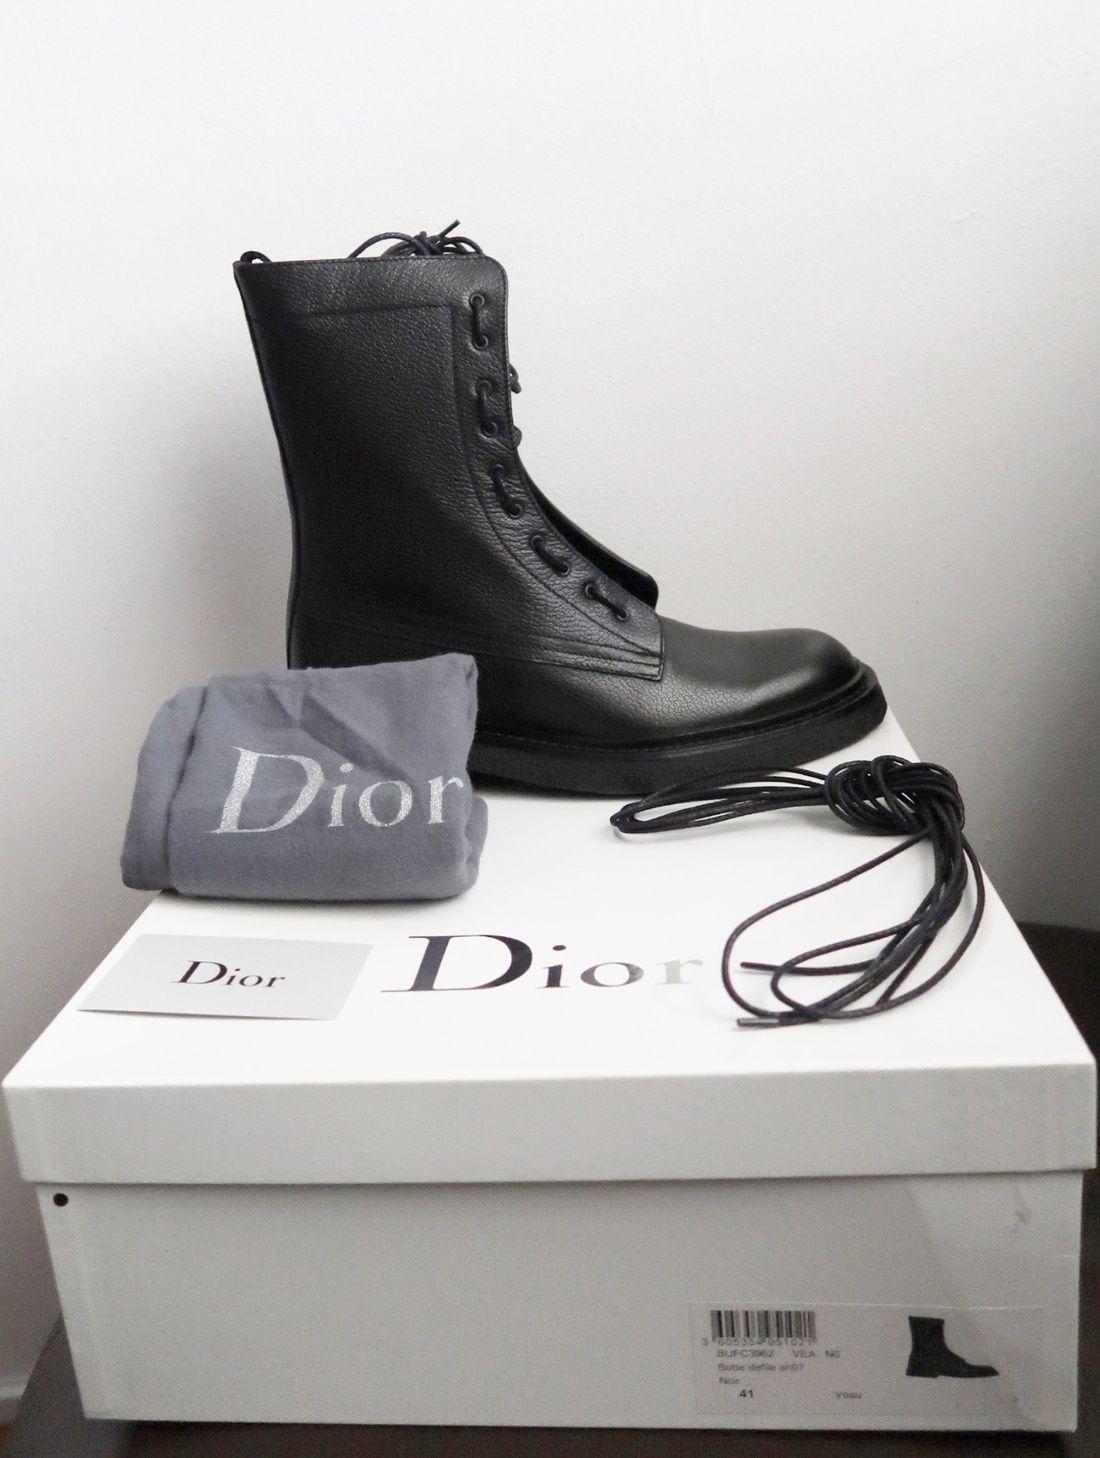 d76810975d6 Dior 2007 Aw Navigate Boots (Sz8 9) Size 9  2000 - Grailed